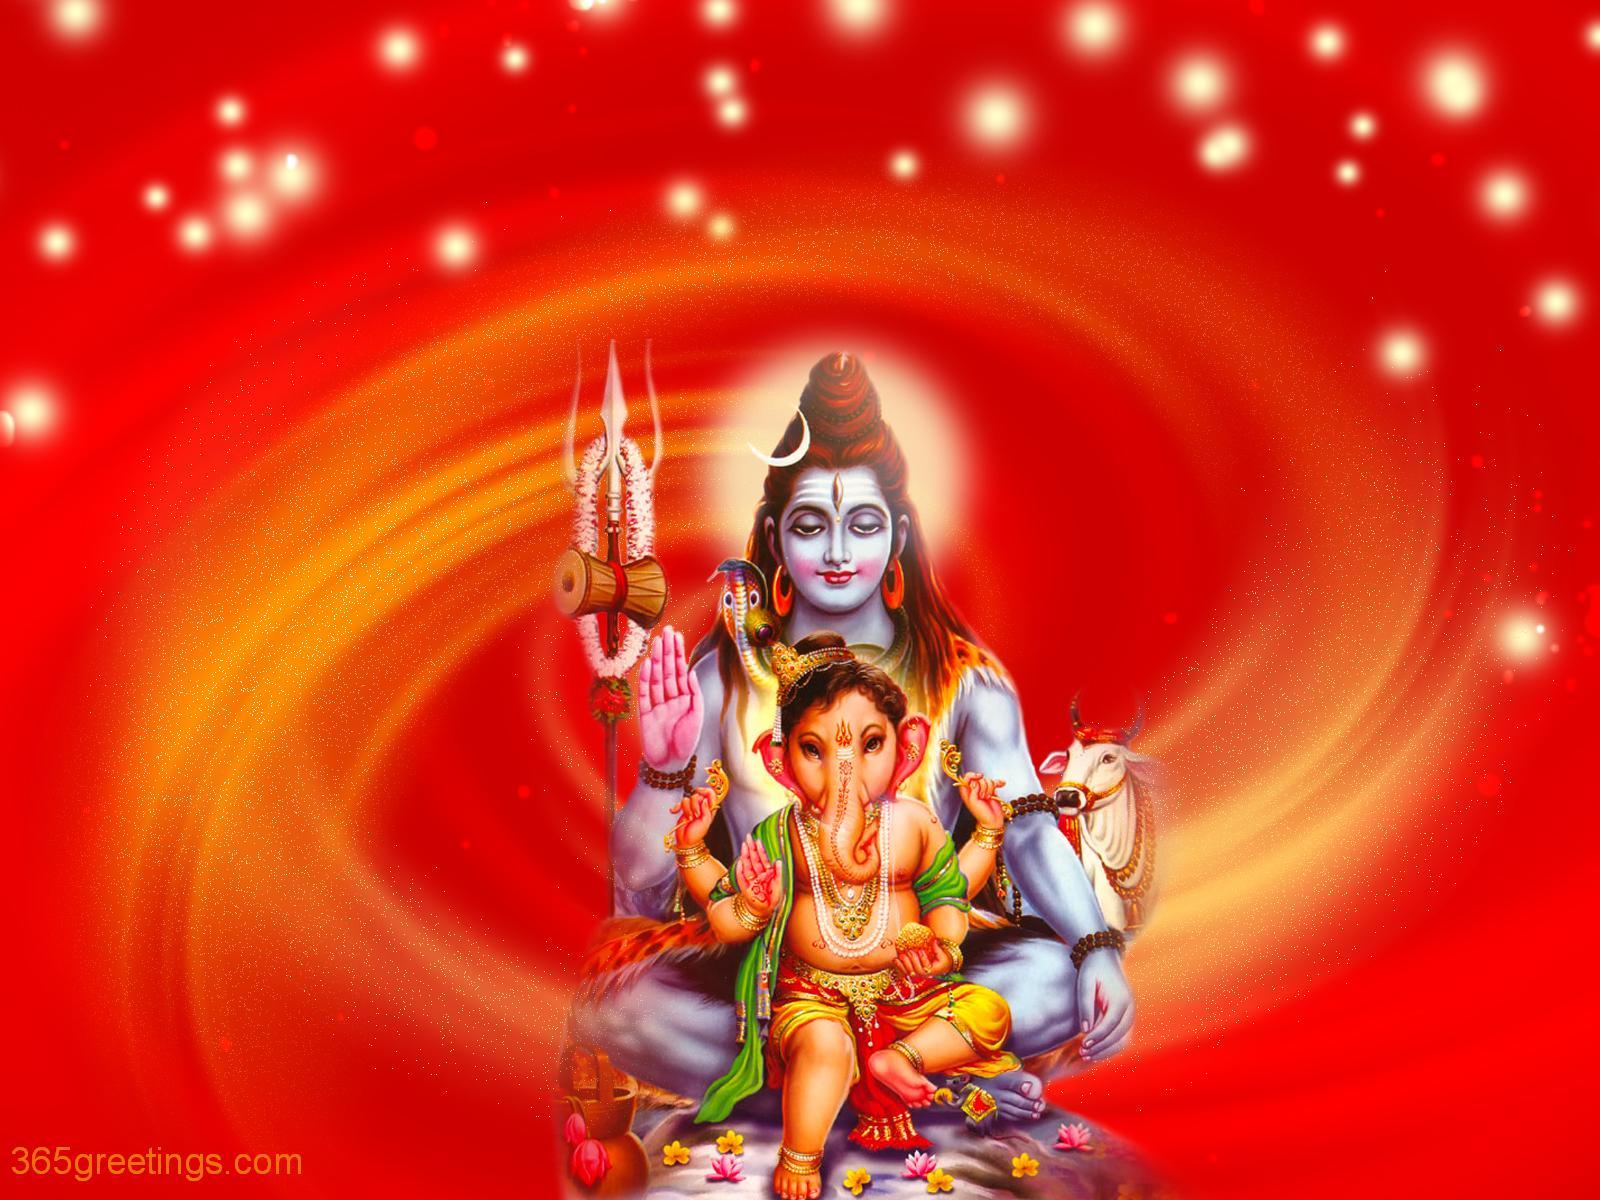 http://2.bp.blogspot.com/-67a5PzrsrbQ/TwiRSYBtyRI/AAAAAAAALew/gpKBd1OFTNA/s1600/Lord+Shiva-Wallpapers-hara+%25285%2529.jpg